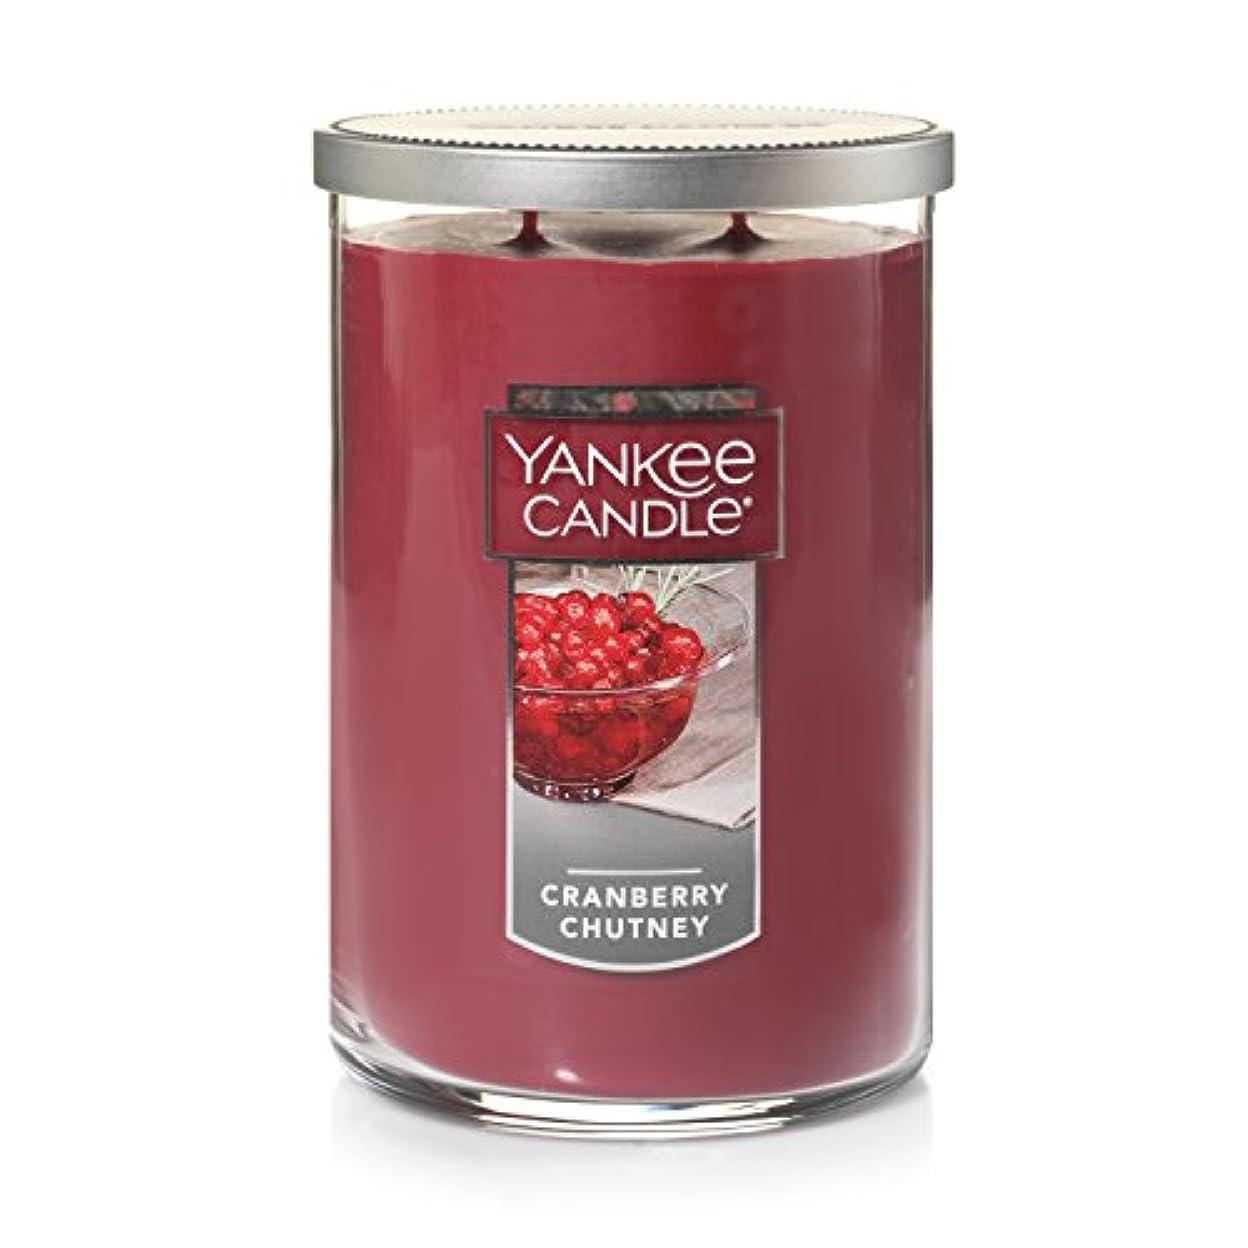 ウェブしゃがむディプロマYankee CandleクランベリーChutney、フルーツ香り Large 2-Wick Tumbler Candle オレンジ 1123208